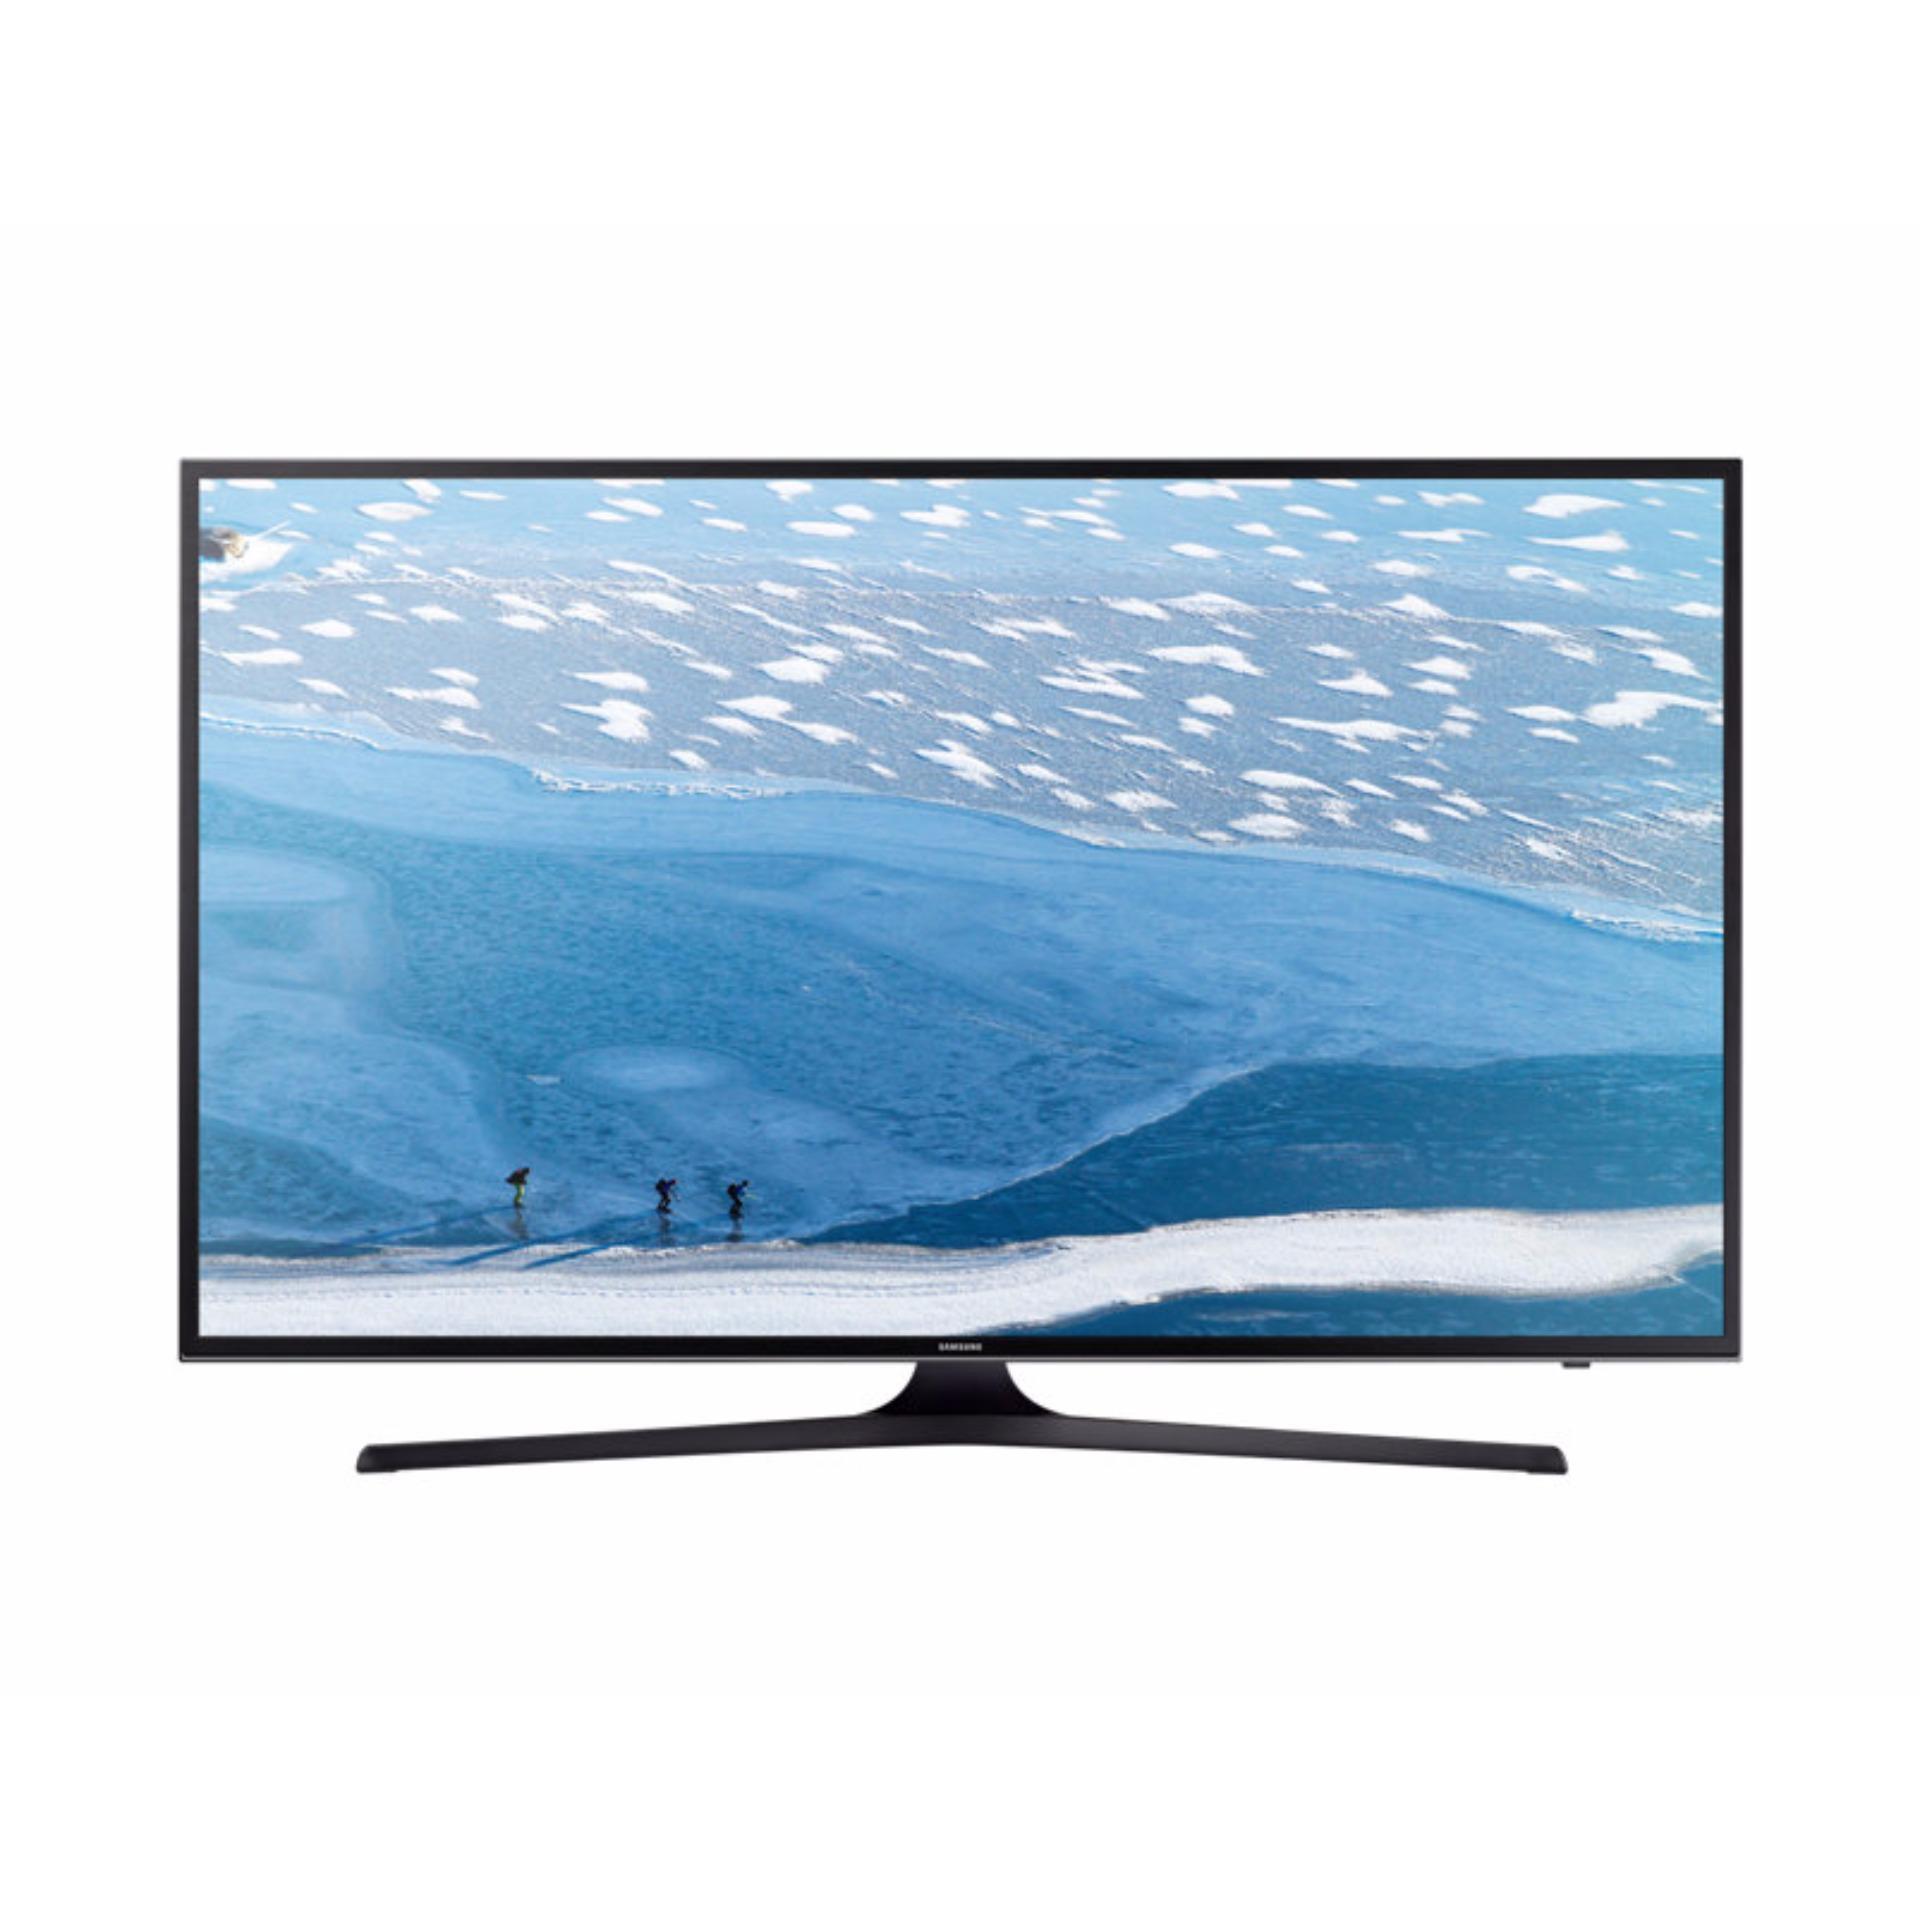 samsung ua40j6300 led smart tv